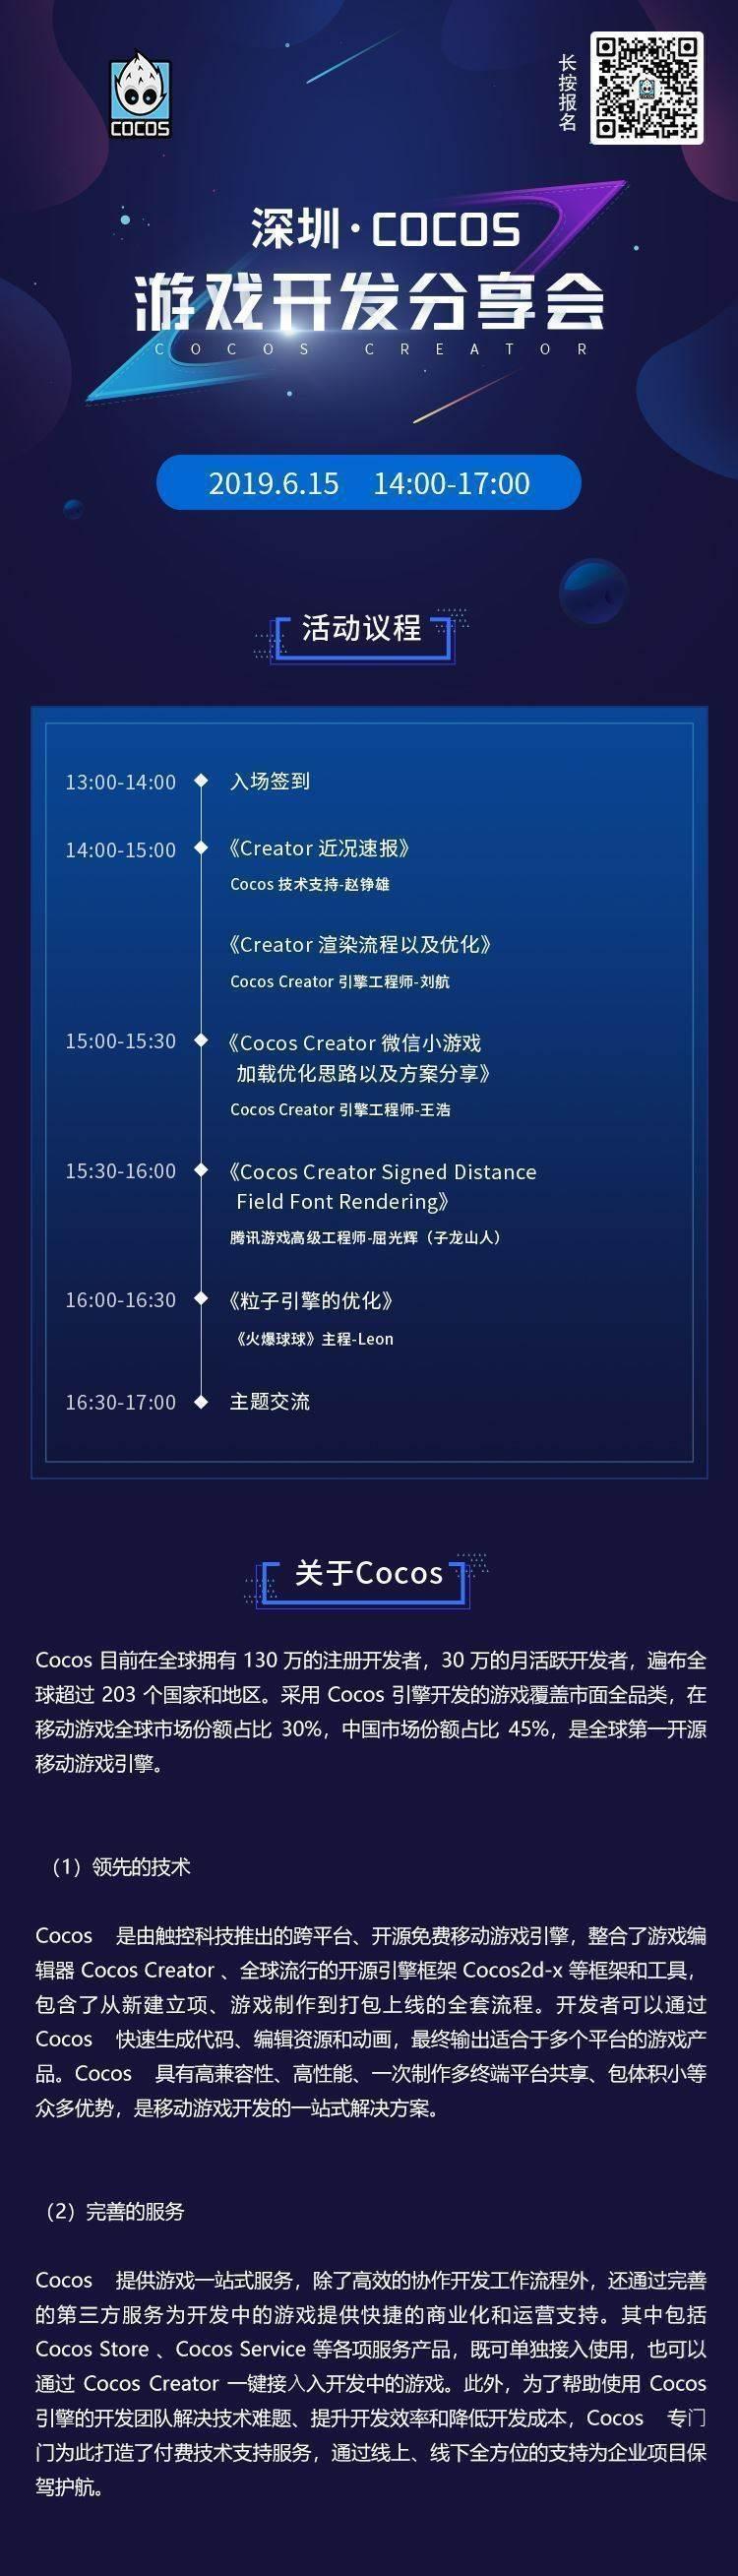 深圳朋友圈宣传图.jpg